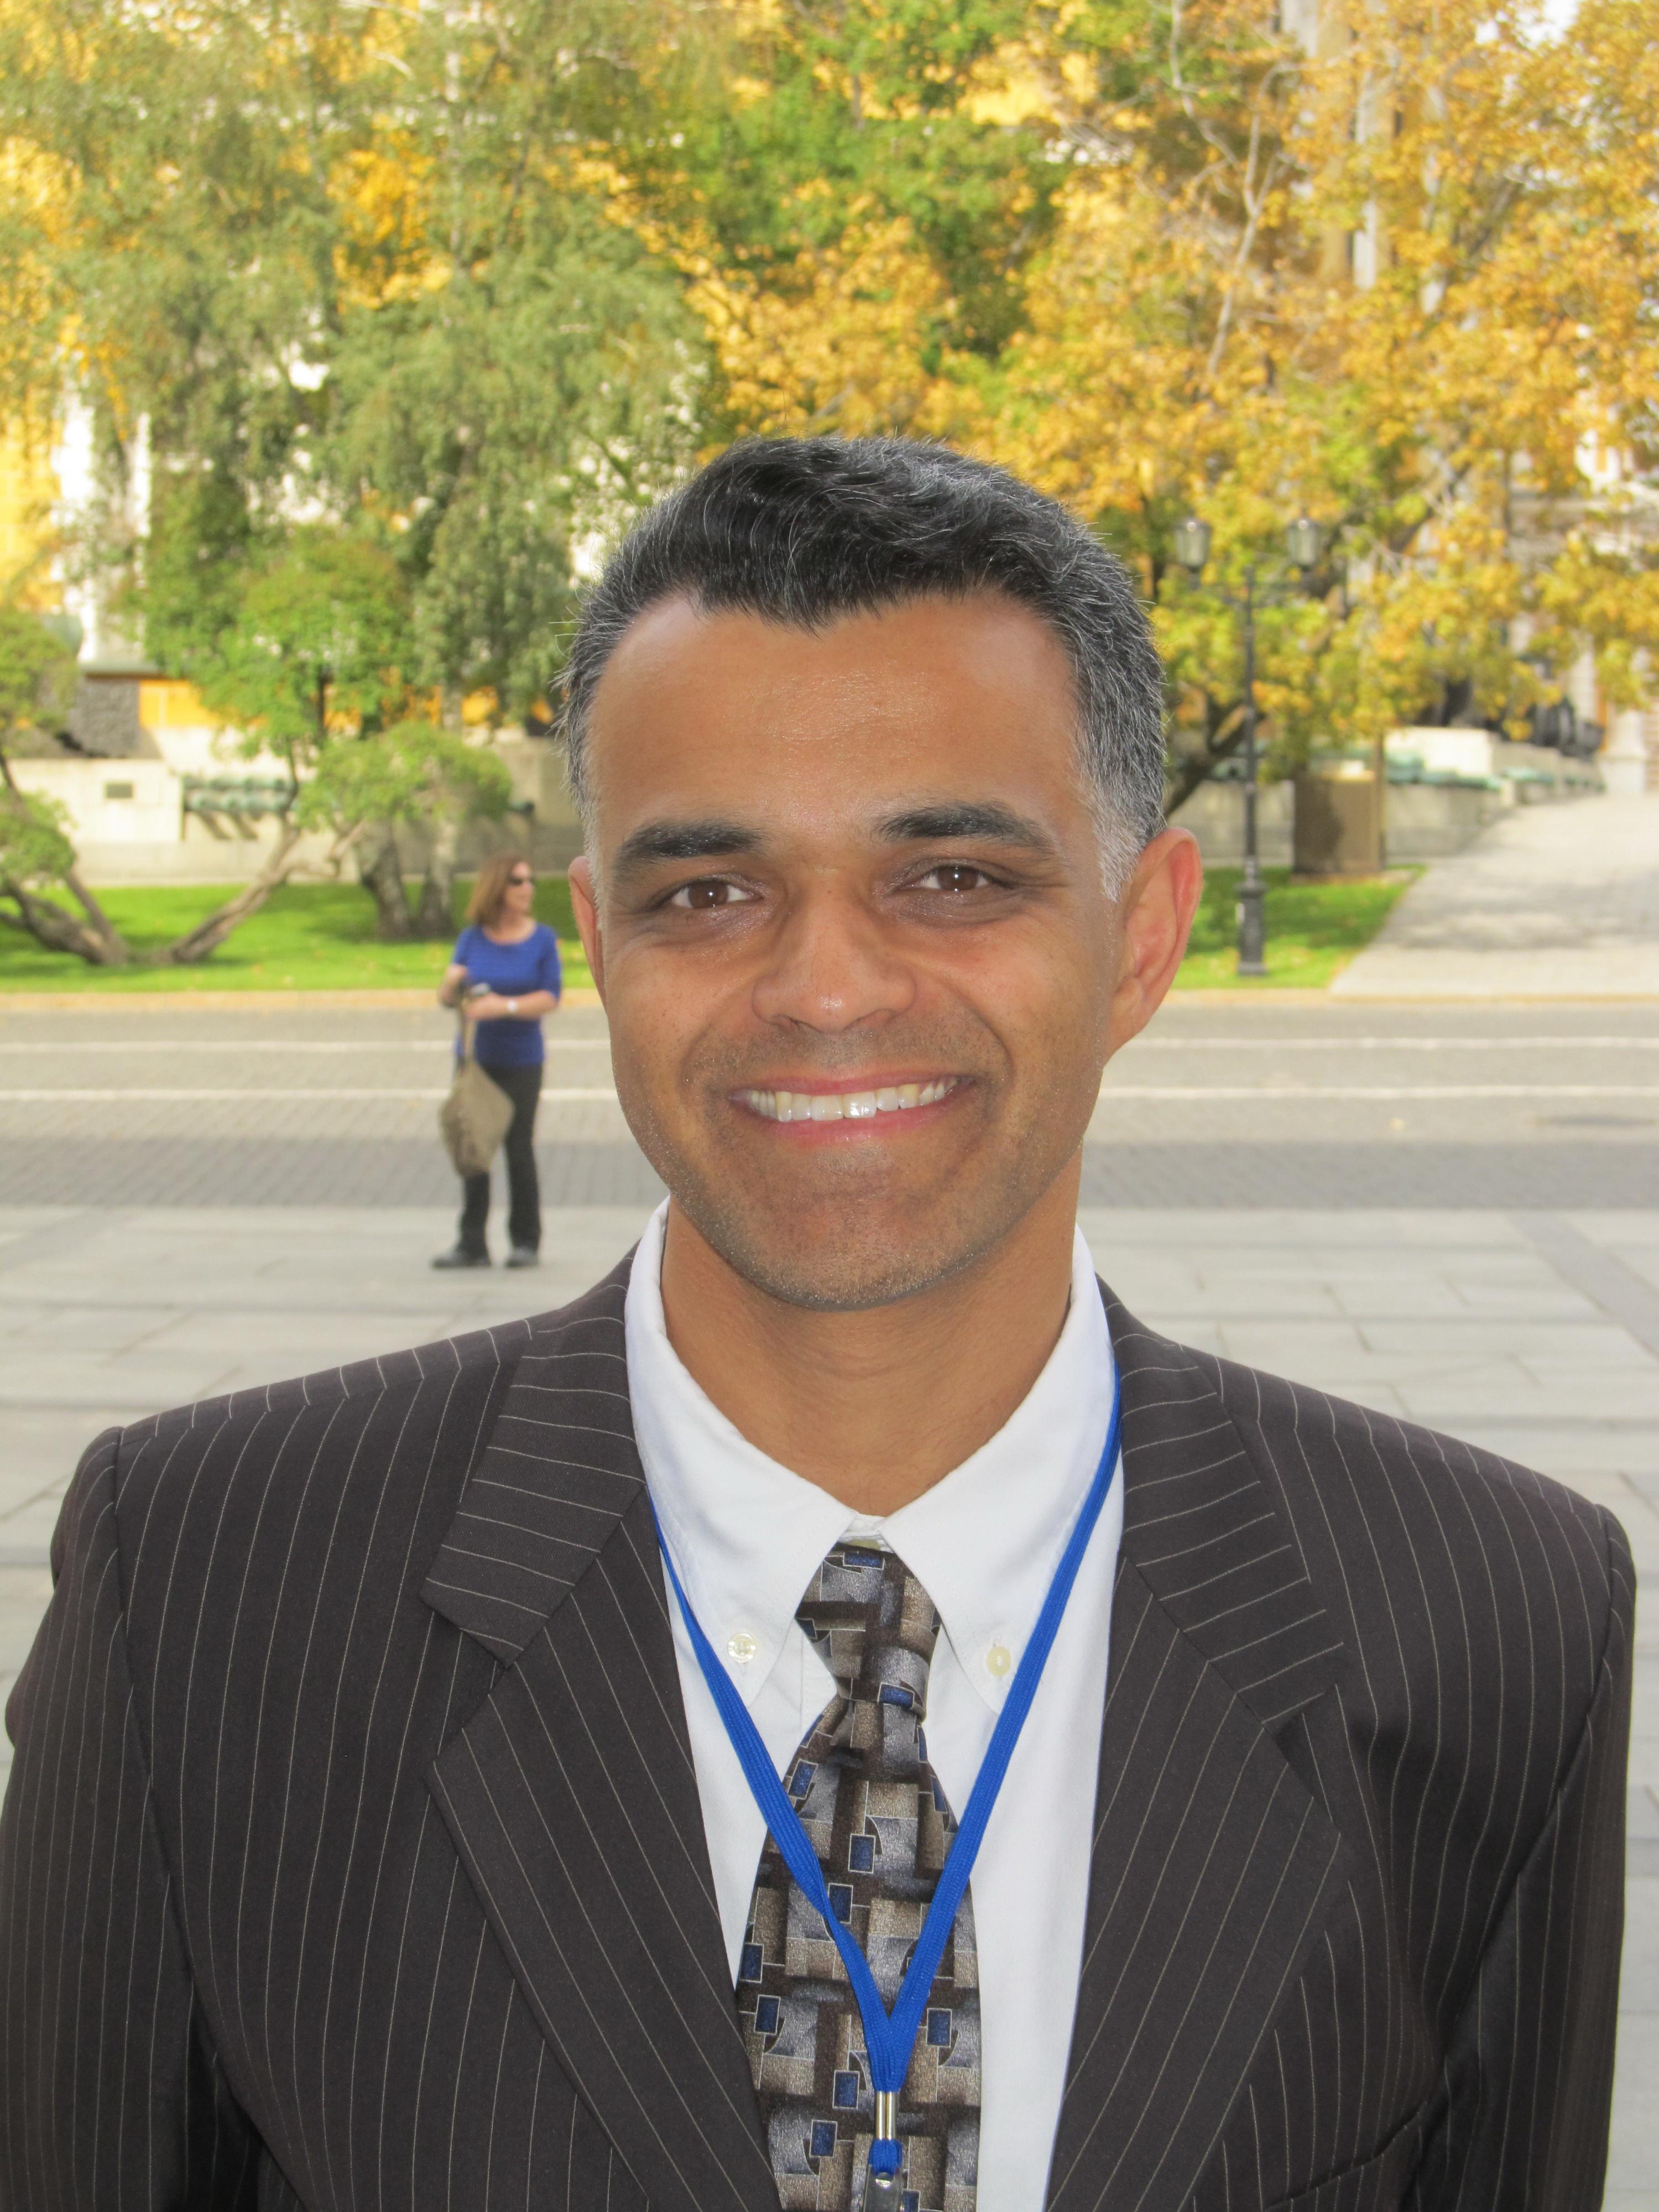 """Photo of Interviu cu John-Henry Westen, cofondator și redactor-șef la LifeSiteNews.com, Canada / Forumul Internațional """"Familii numeroase și viitorul umanității"""""""